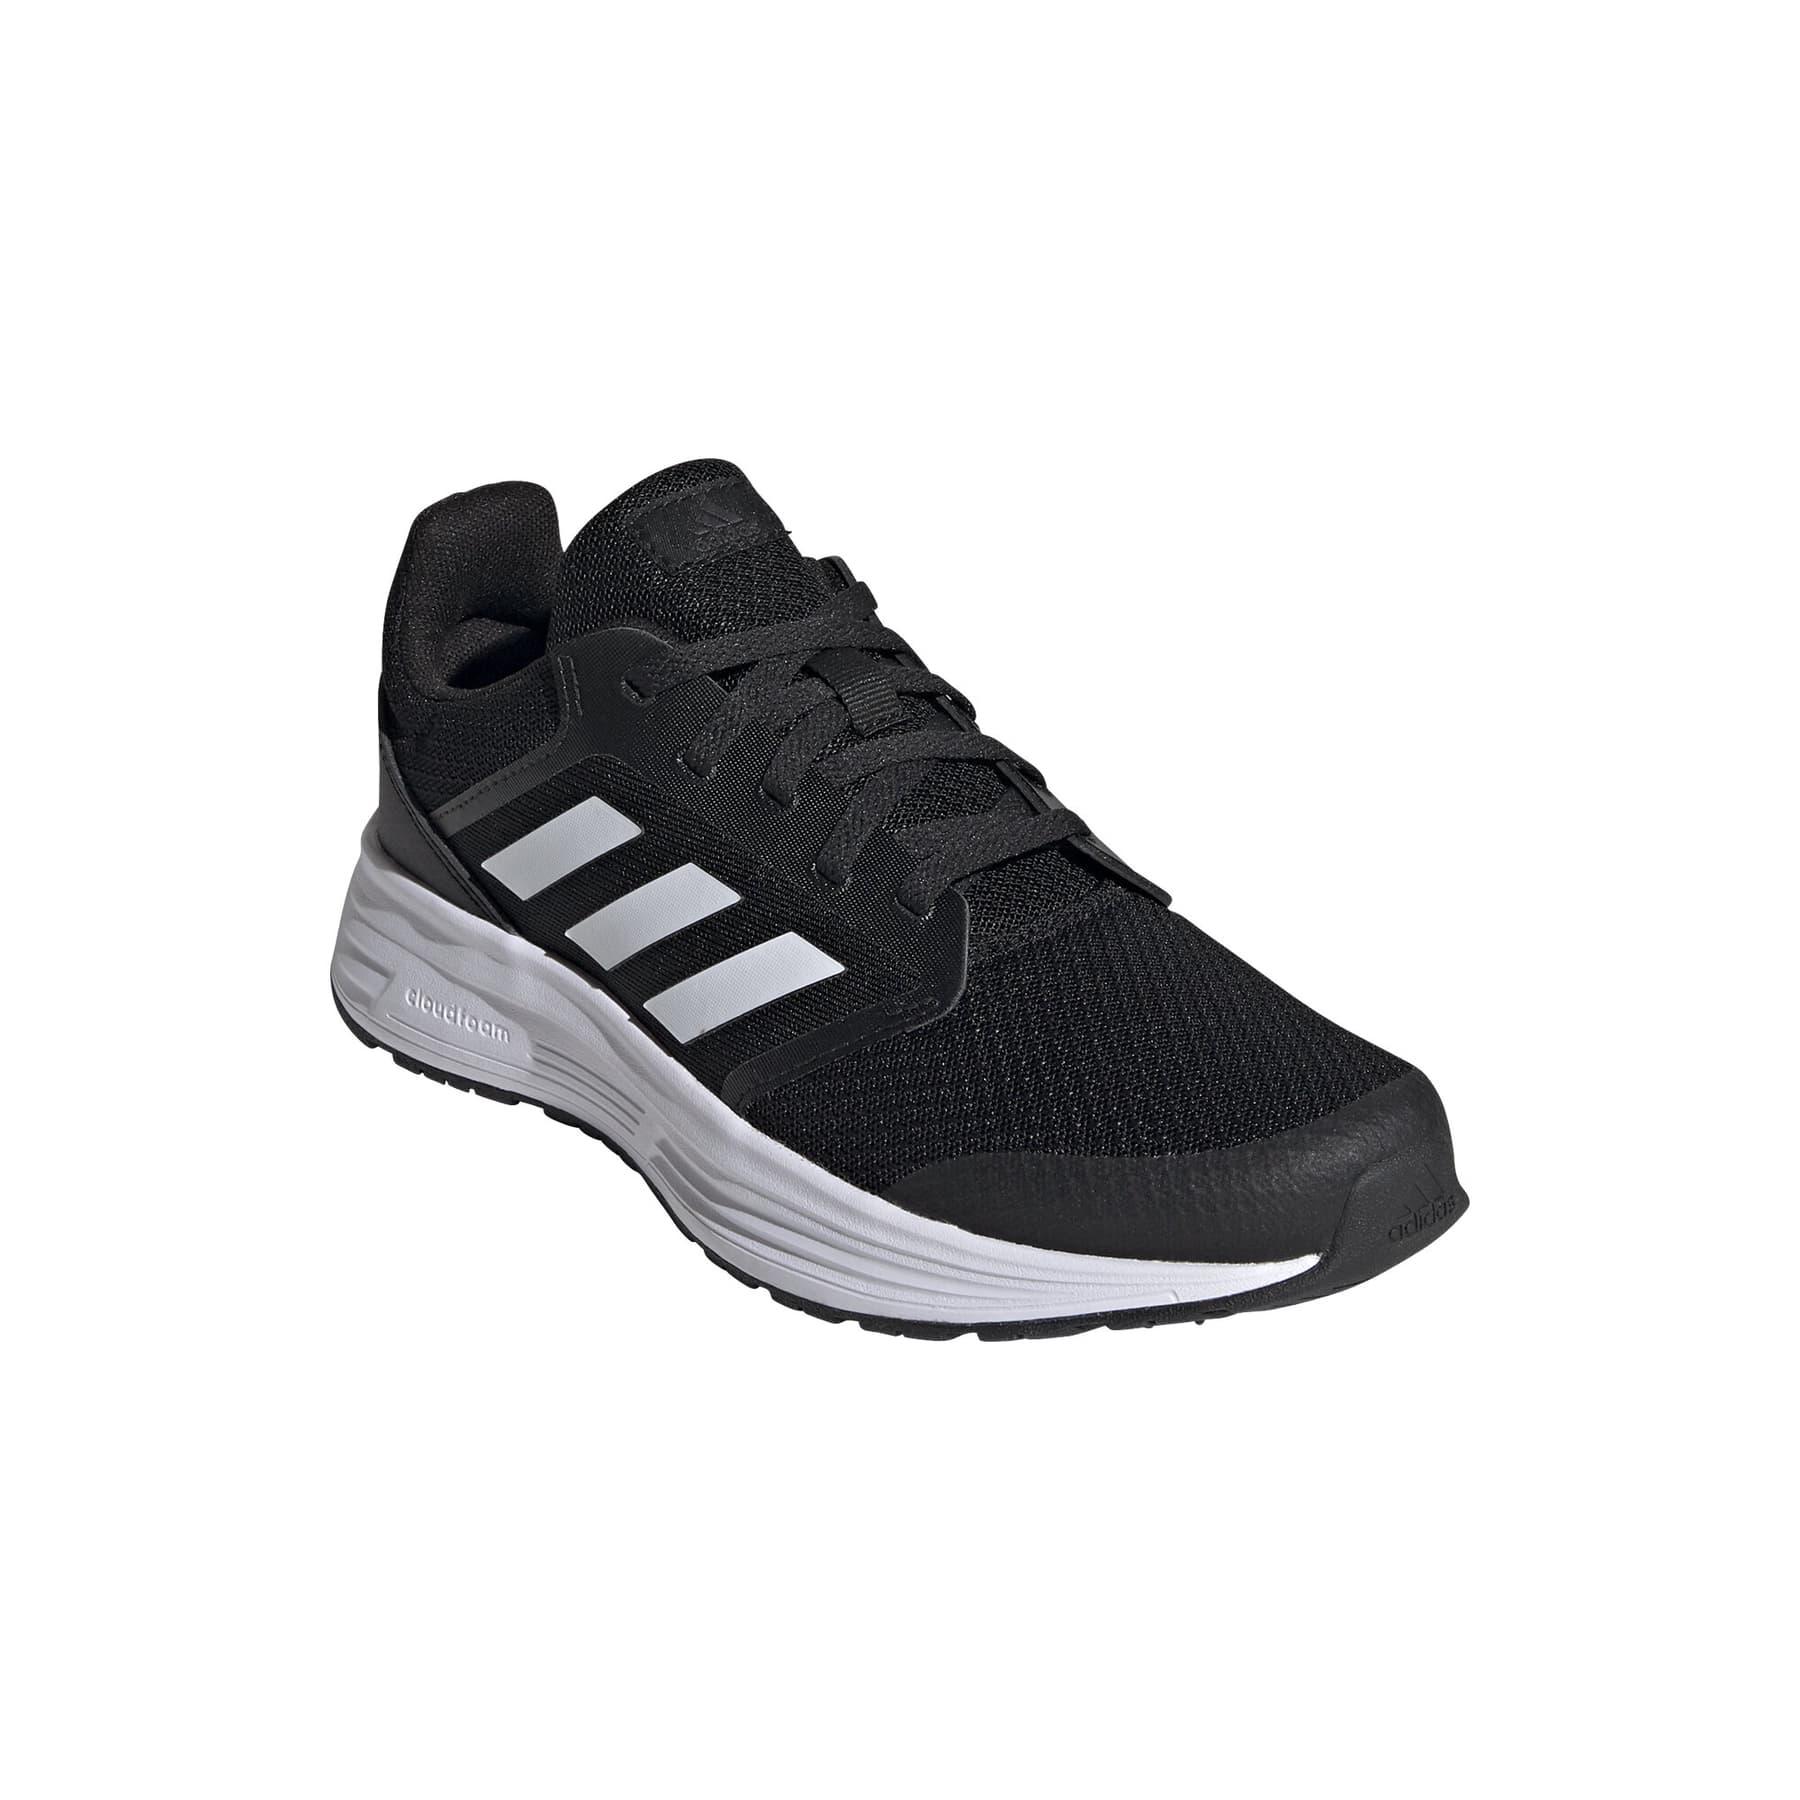 Galaxy 5 Kadın Siyah Koşu Ayakkabısı (FW6125)